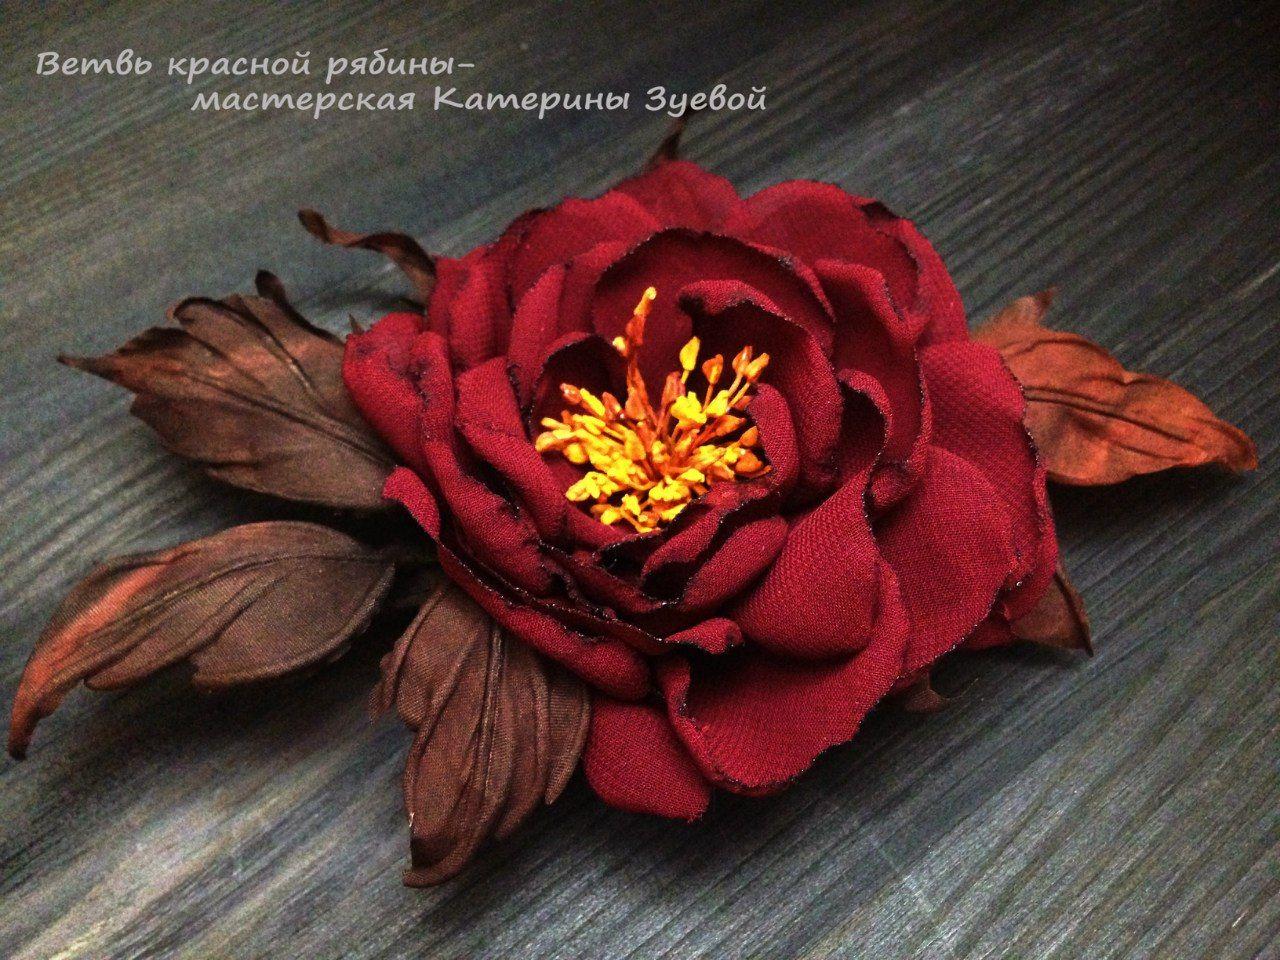 Шелковая флористика. | 4 фотографии